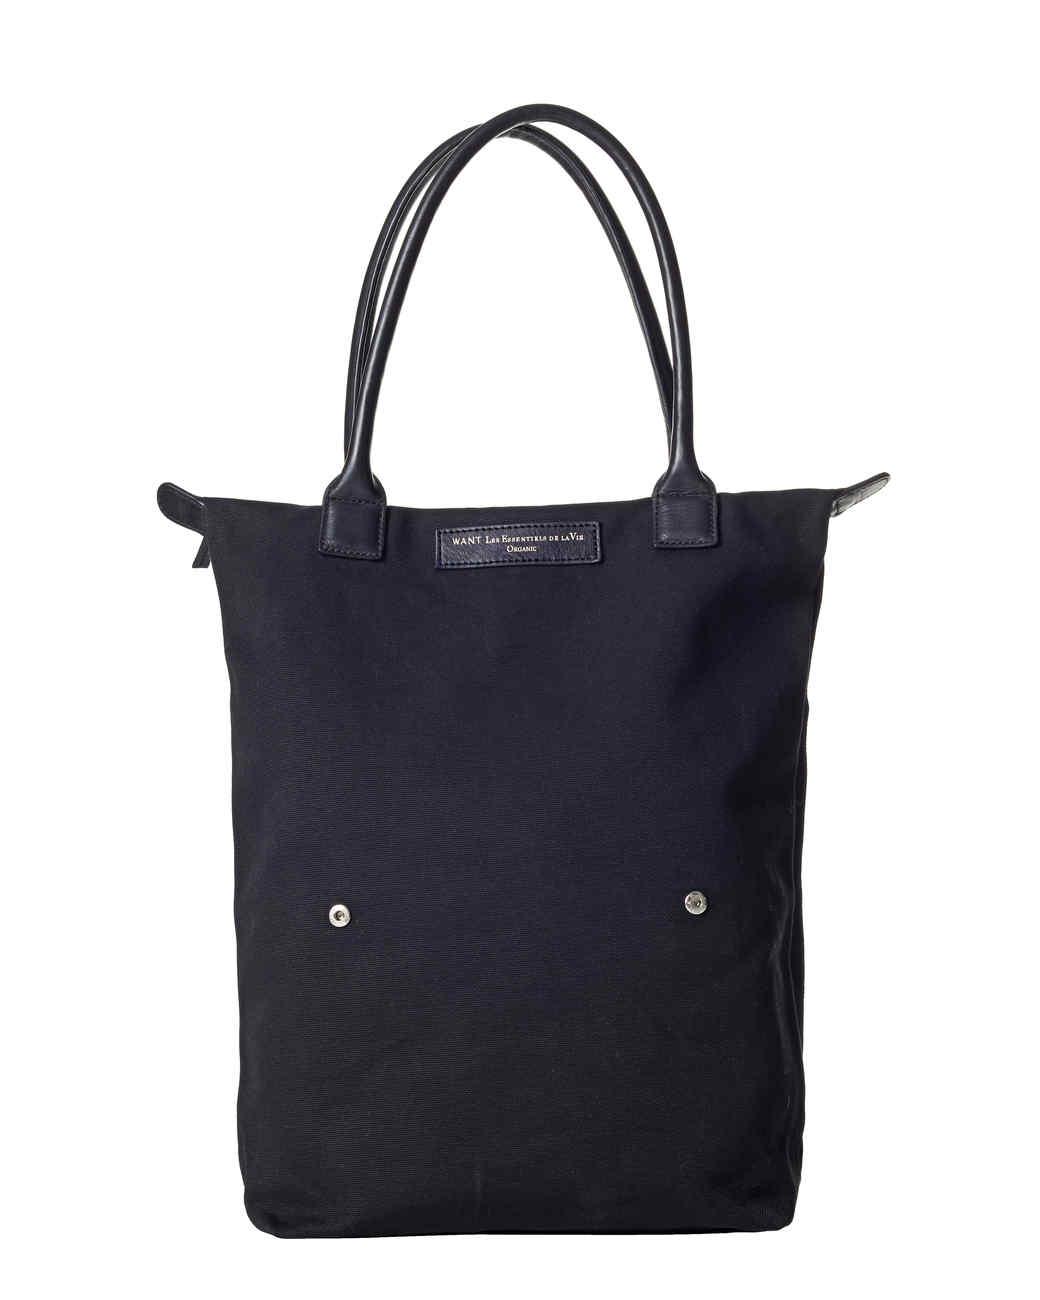 want-essentials-black-bag-002-d111473.jpg